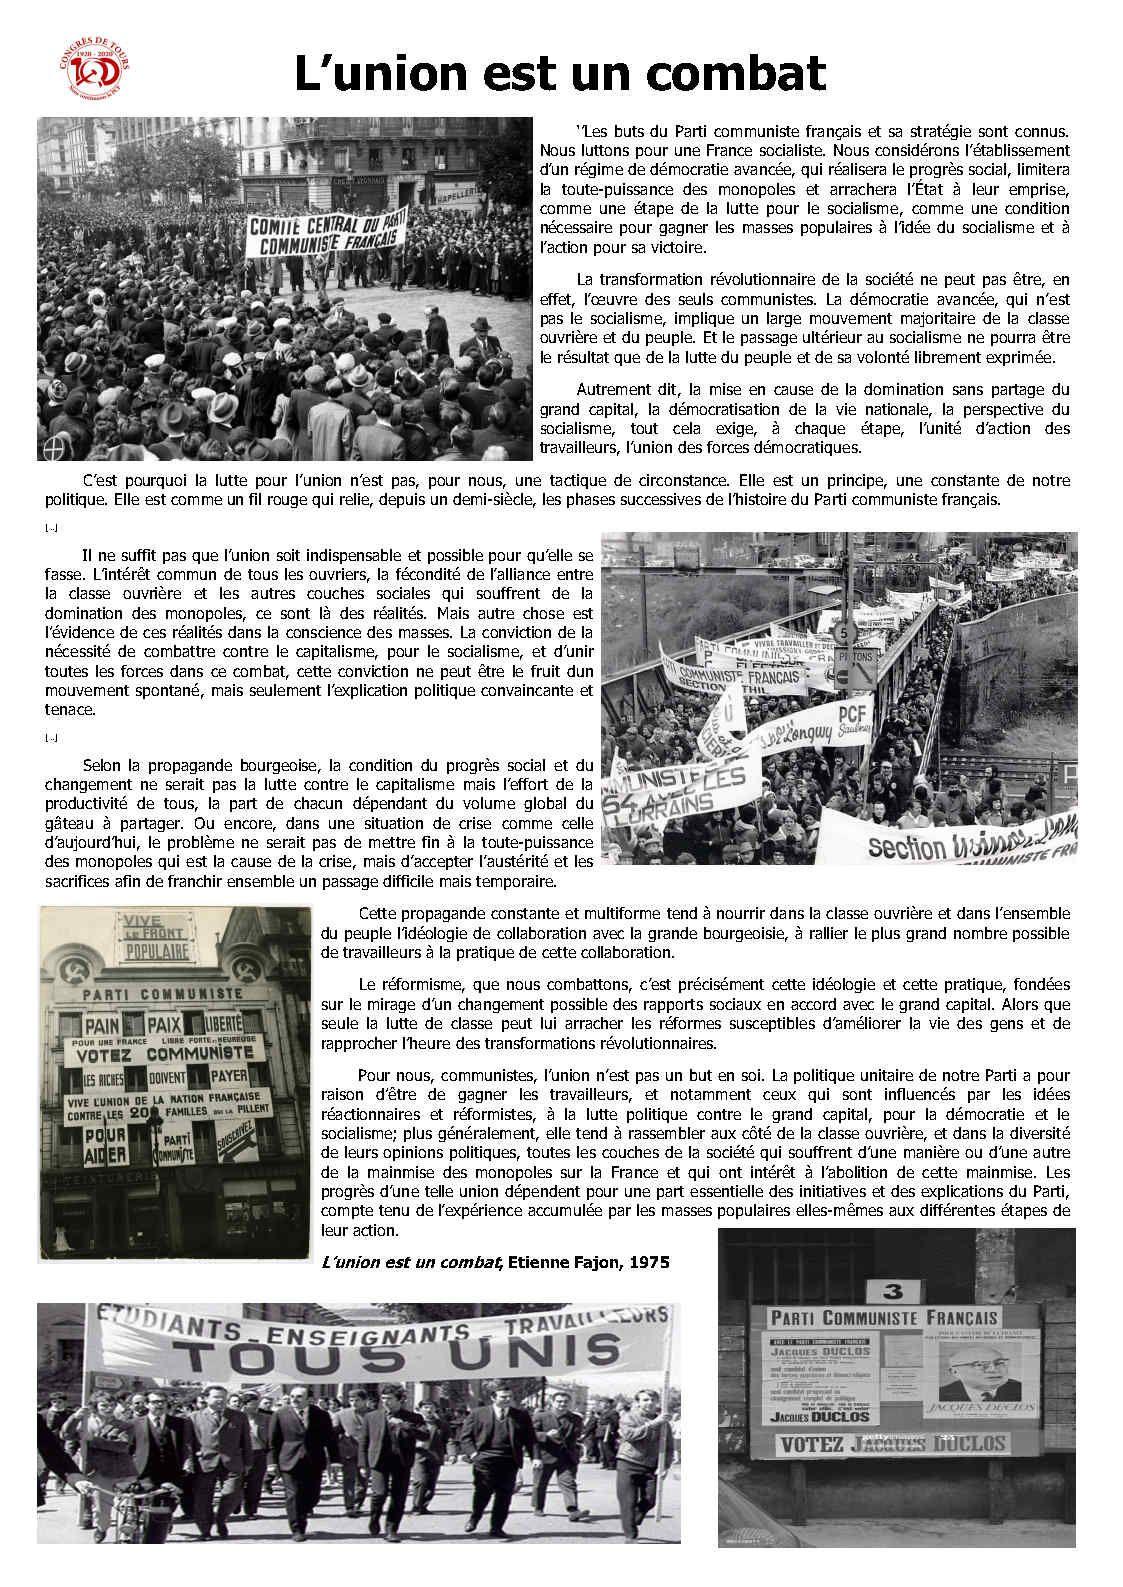 1920 - 2020. Congrès de Tours. 100 ans de lutte anticapitaliste - 15